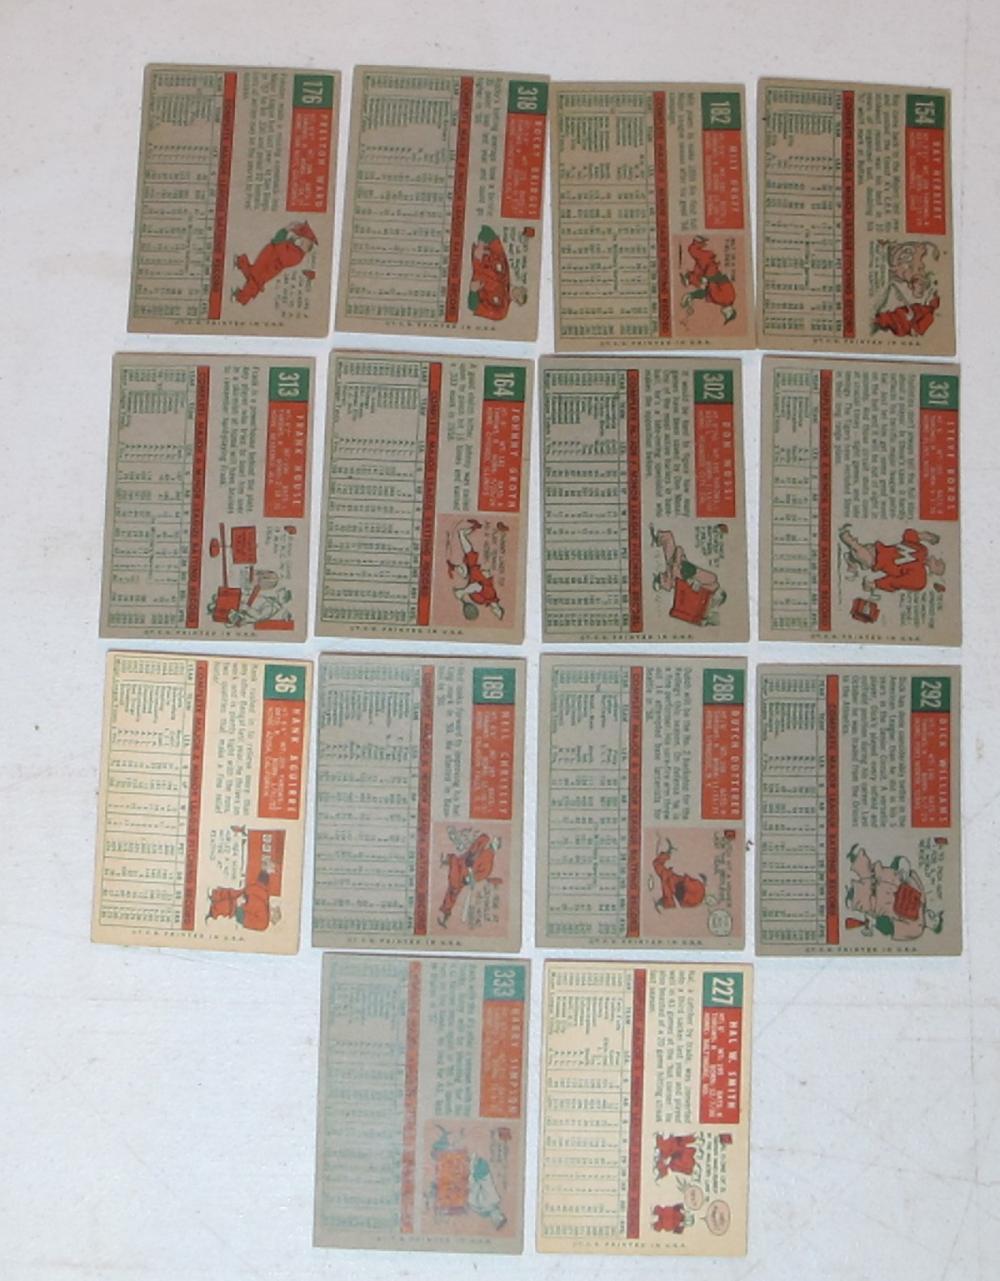 Lot 65: 14 DIFF 1959 TOPPS BASEBALL CARDS COMMONS EX-NRMT